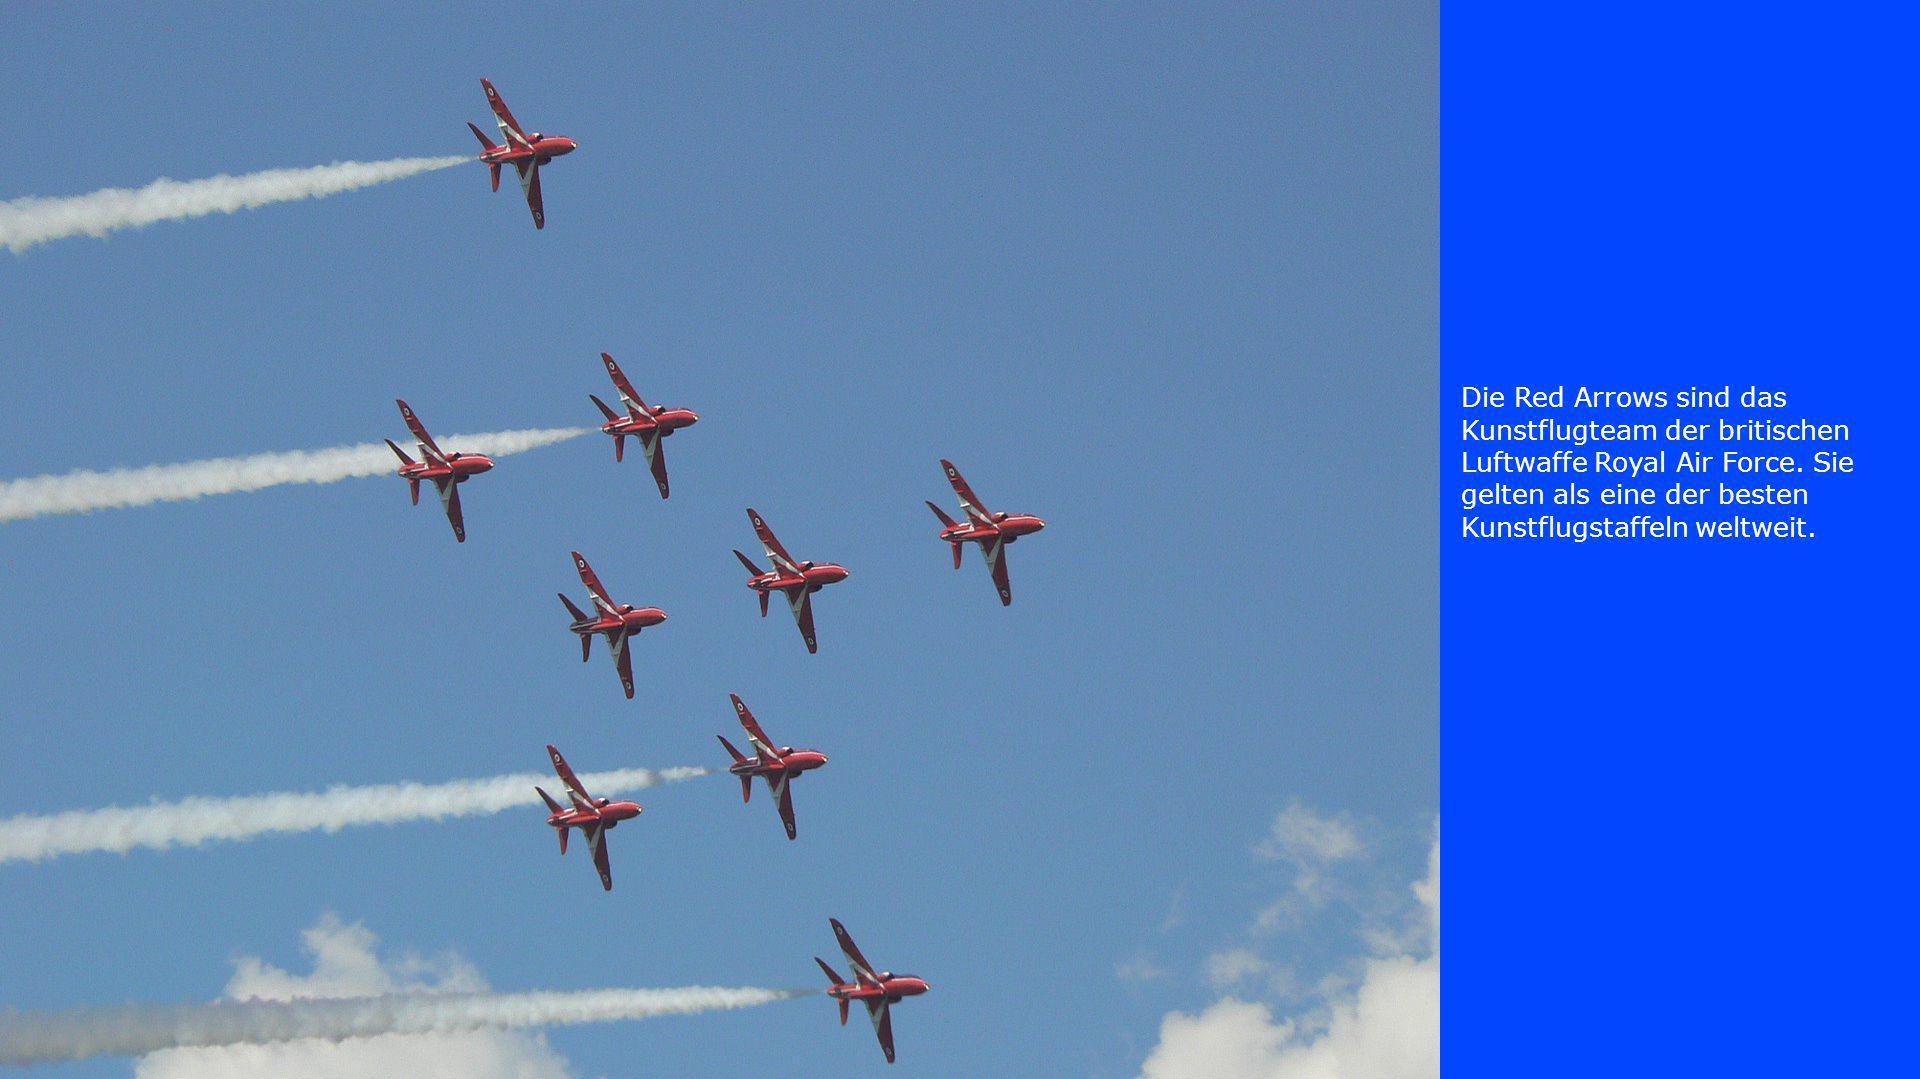 Die Red Arrows sind das Kunstflugteam der britischen Luftwaffe Royal Air Force.